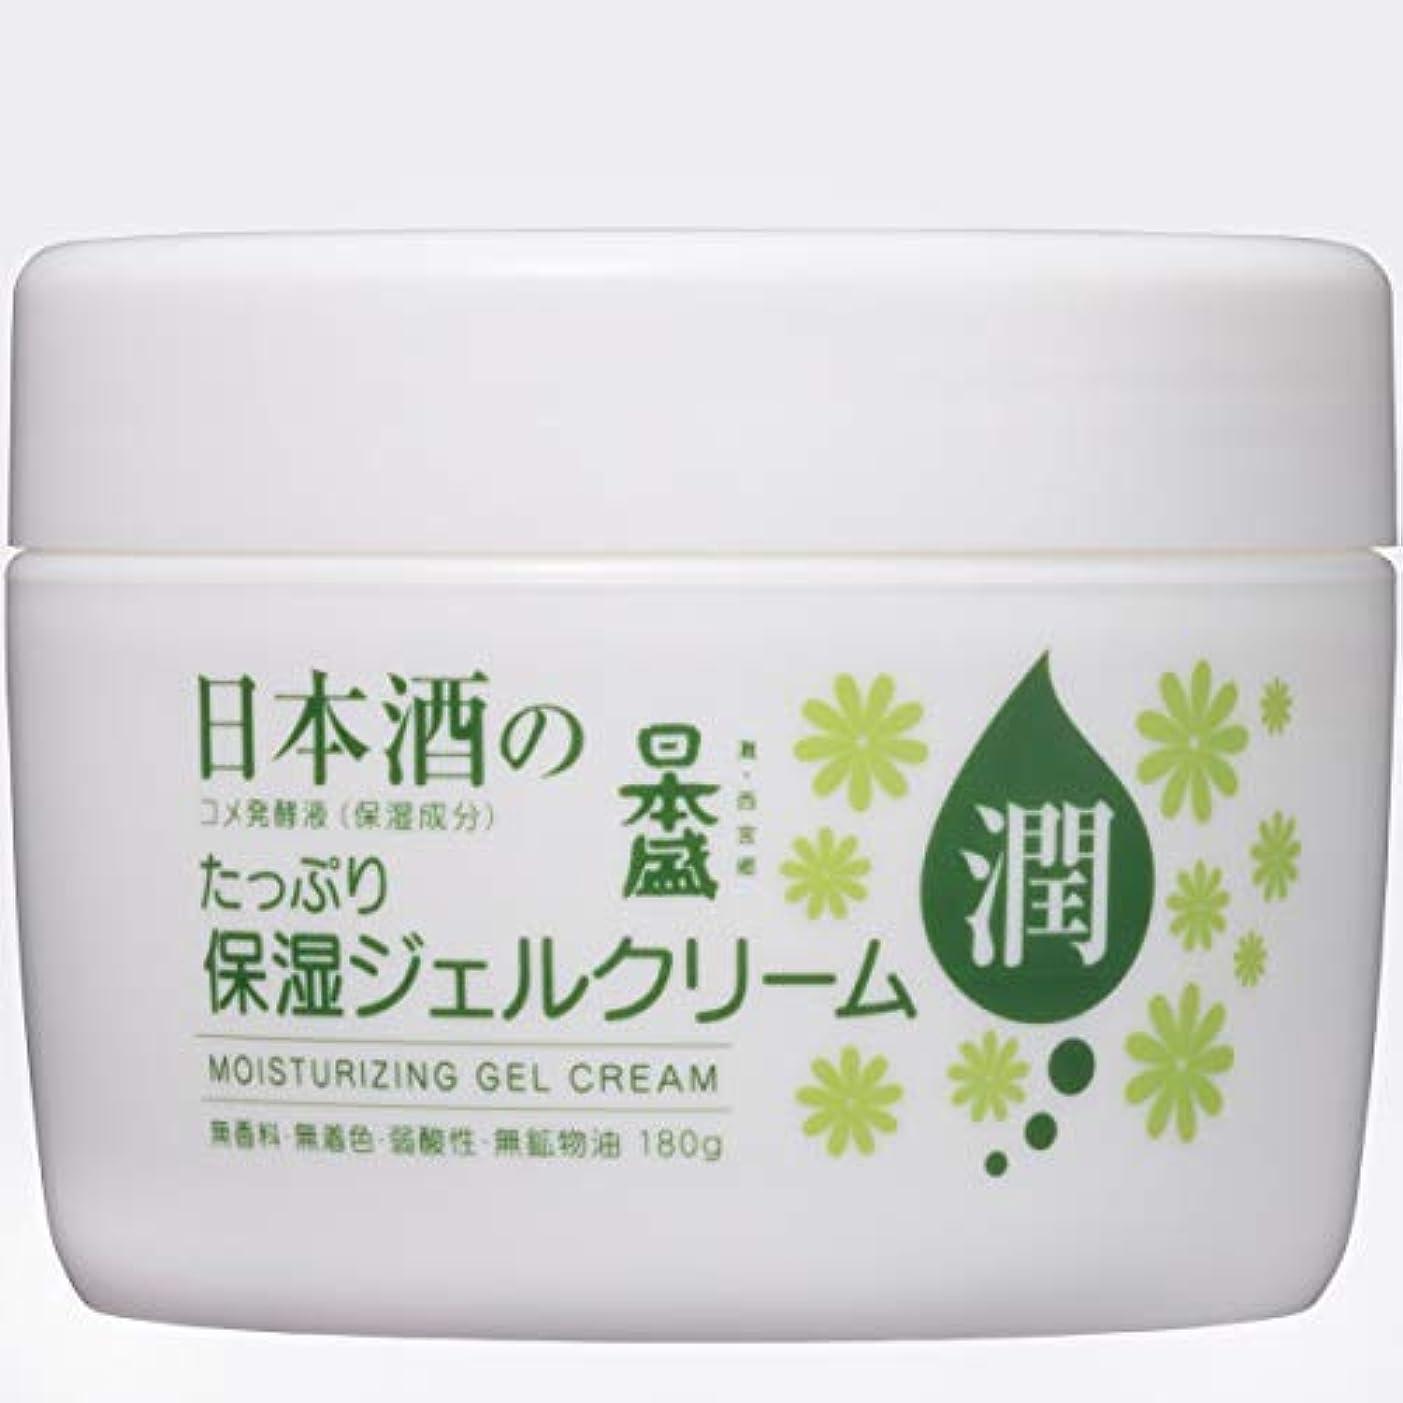 干渉するミスうめき声日本酒のたっぷり保湿 ジェルクリーム × 9個セット